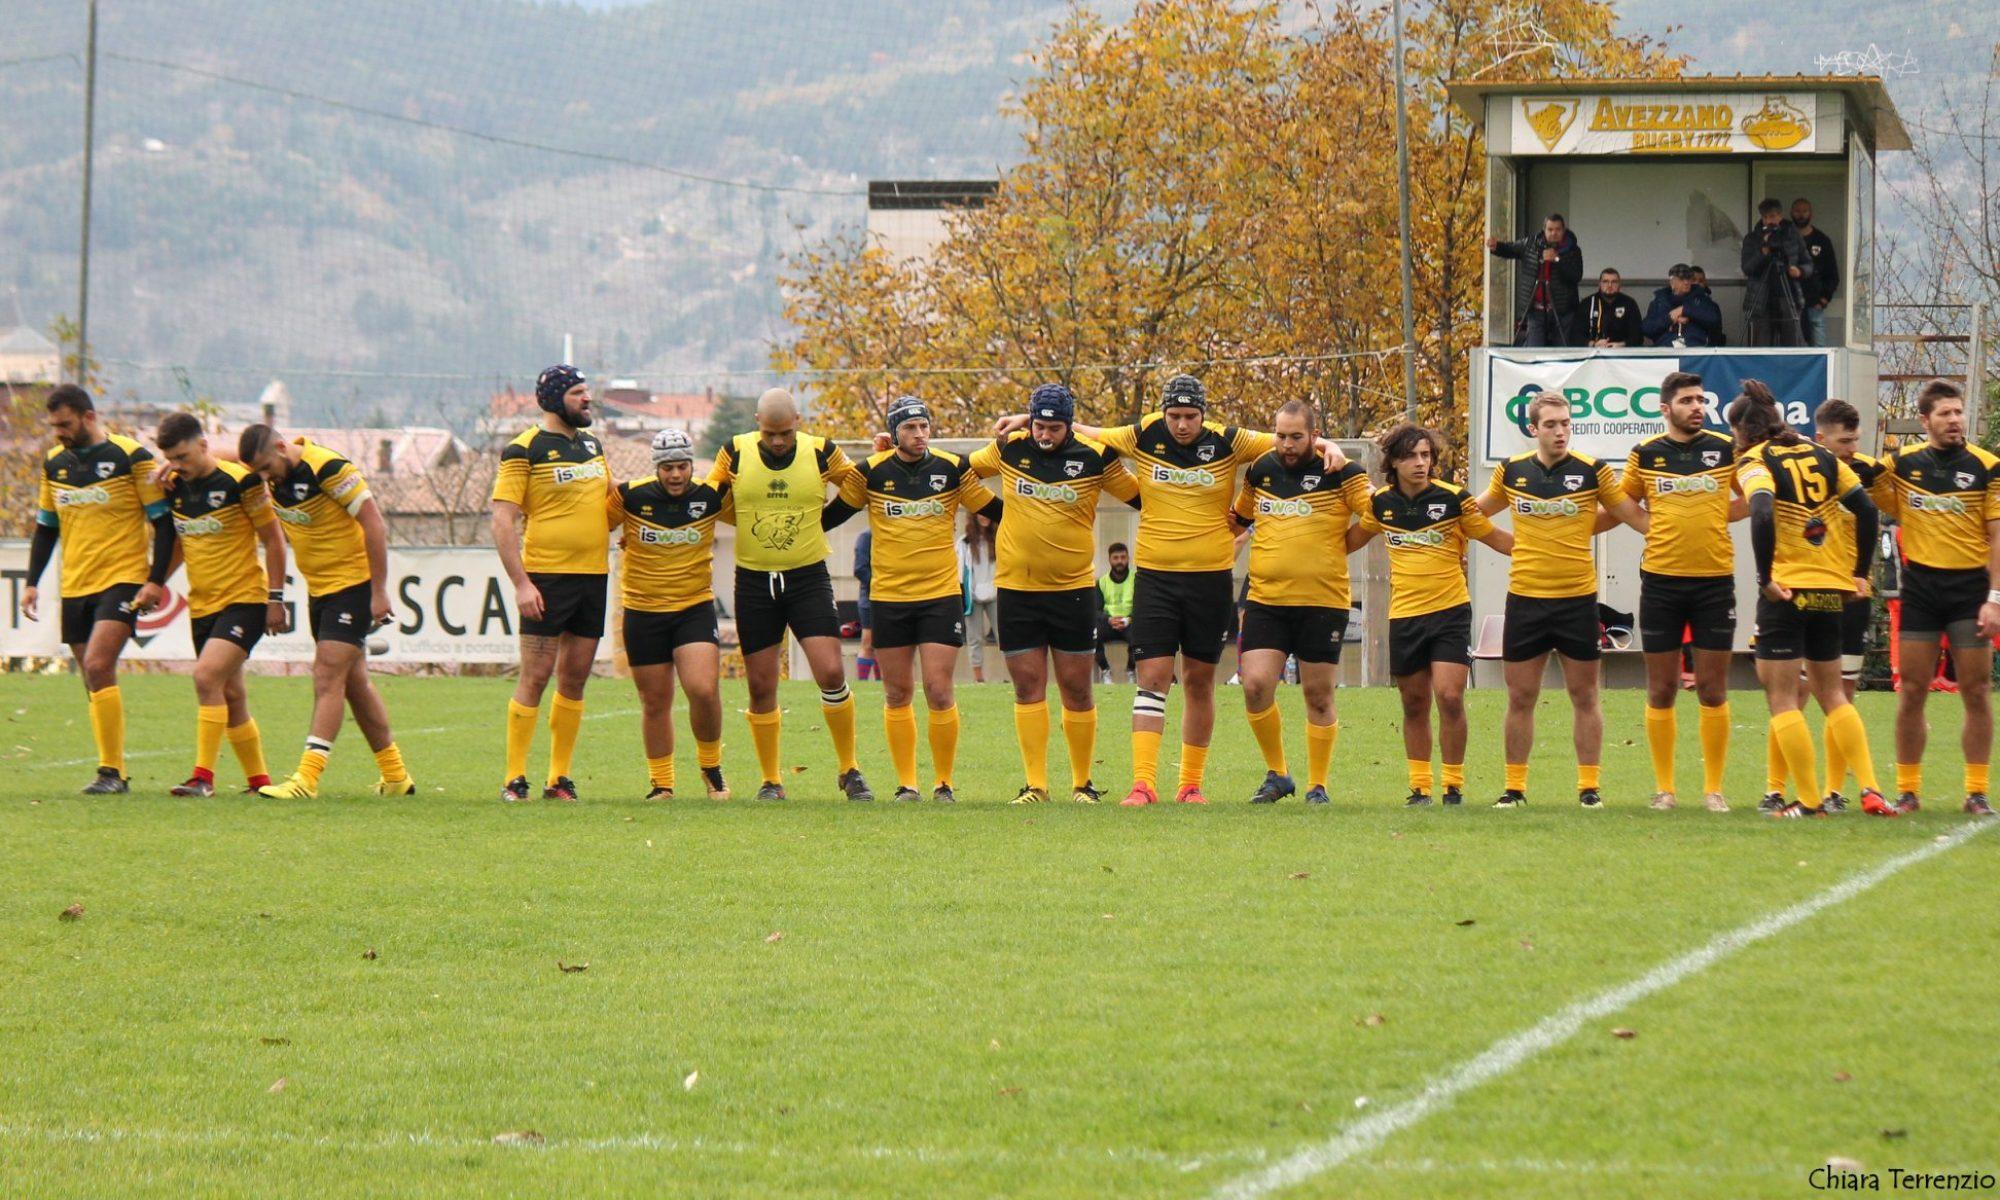 Avezzano Rugby: under 18 a Roma contro Rugby Roma, impegnate in trasferta anche under 14 e 16; riposo per la serie B